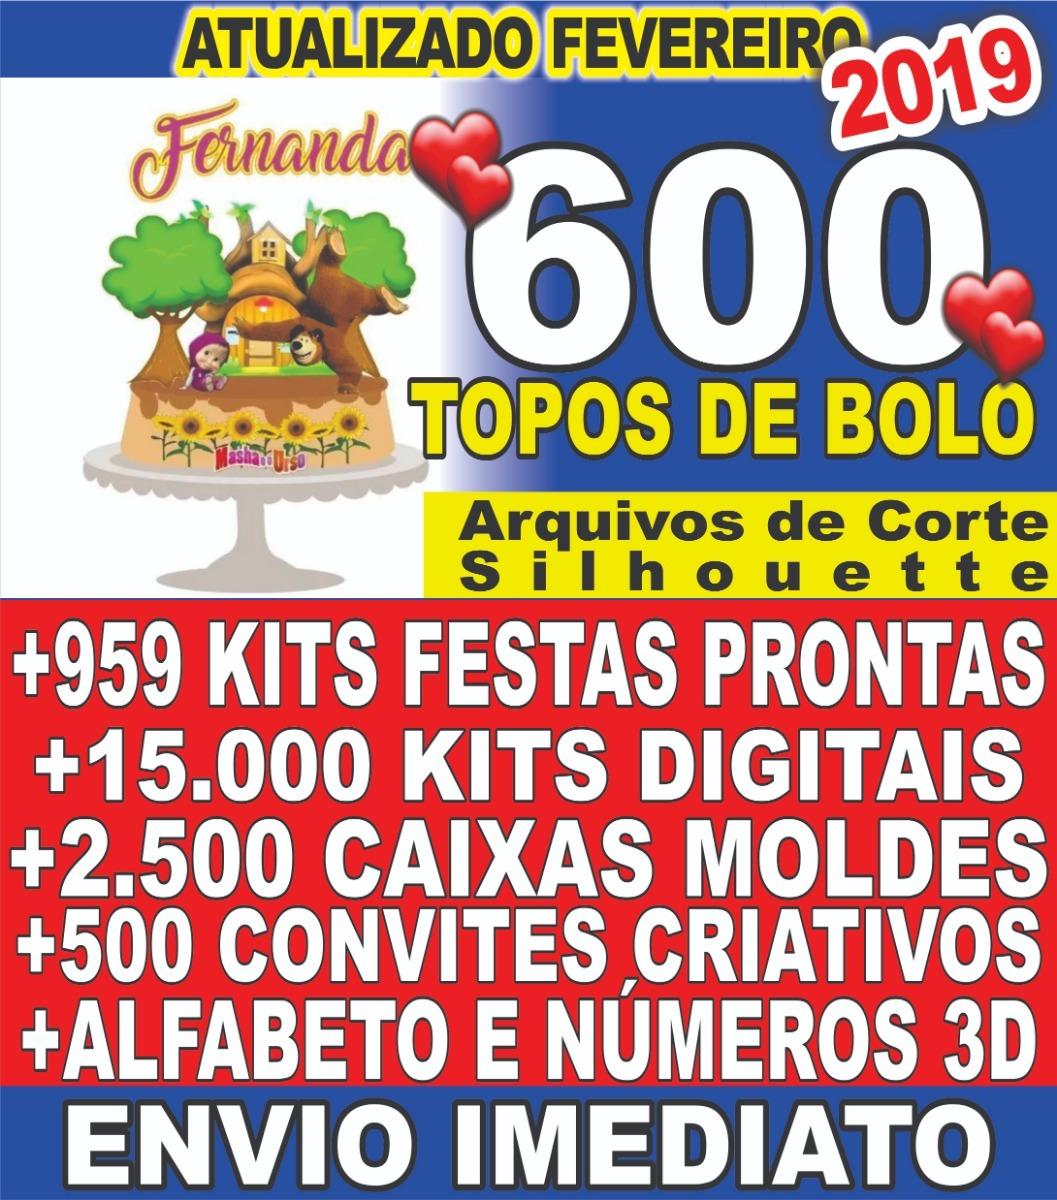 c9fd75b69d4fb Kit Digital Arquivos 600 Topos Bolo Silhouette 959kits Festa - R  21,60 em  Mercado Livre